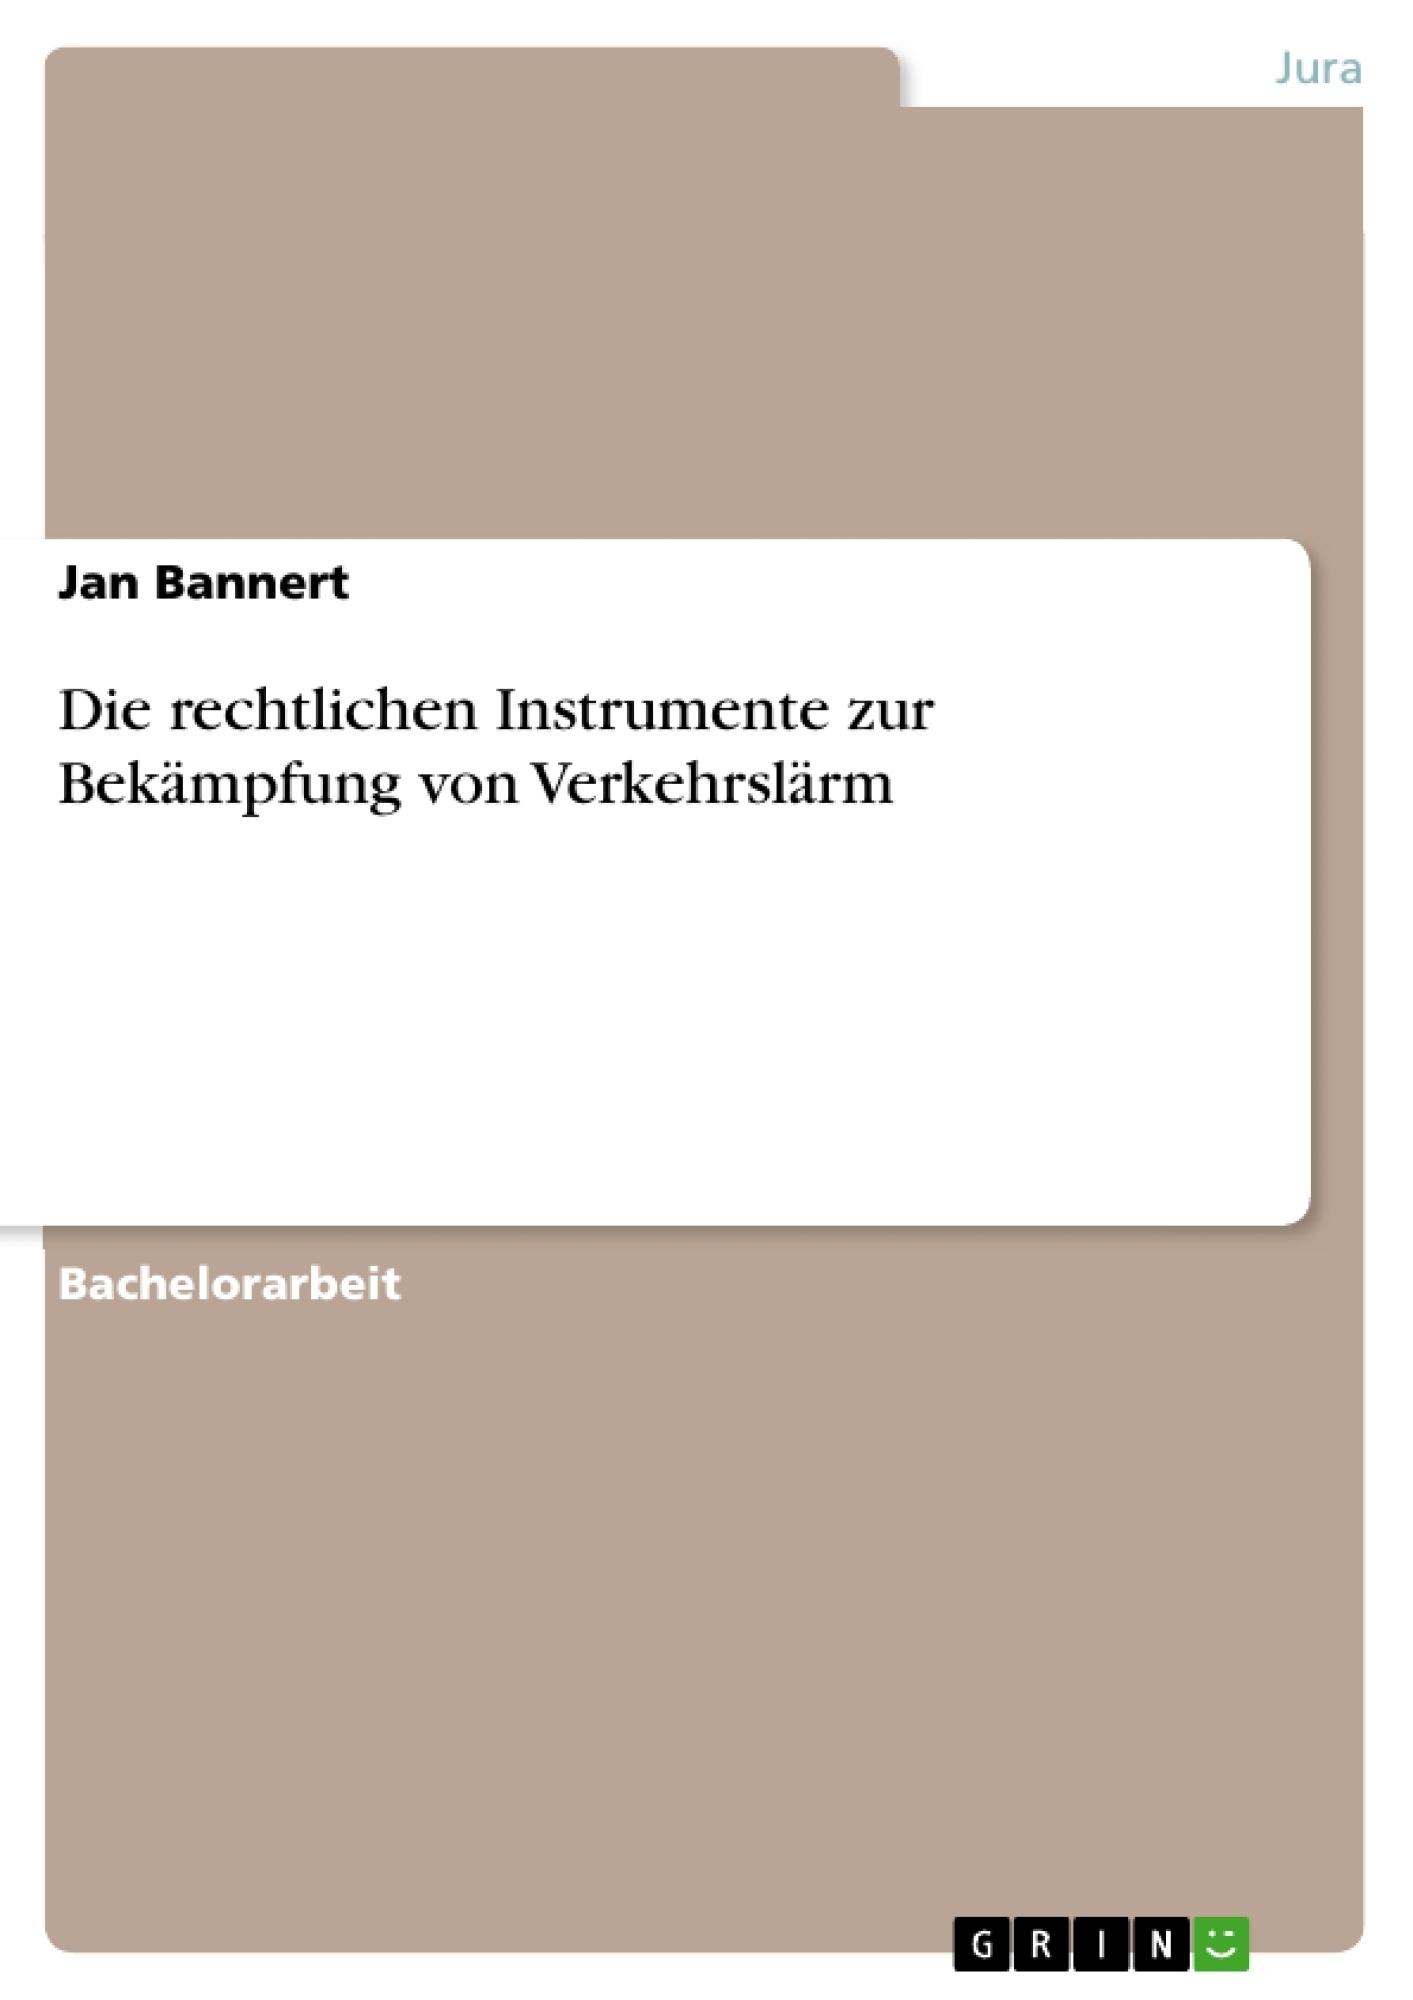 Titel: Die rechtlichen Instrumente zur Bekämpfung von Verkehrslärm